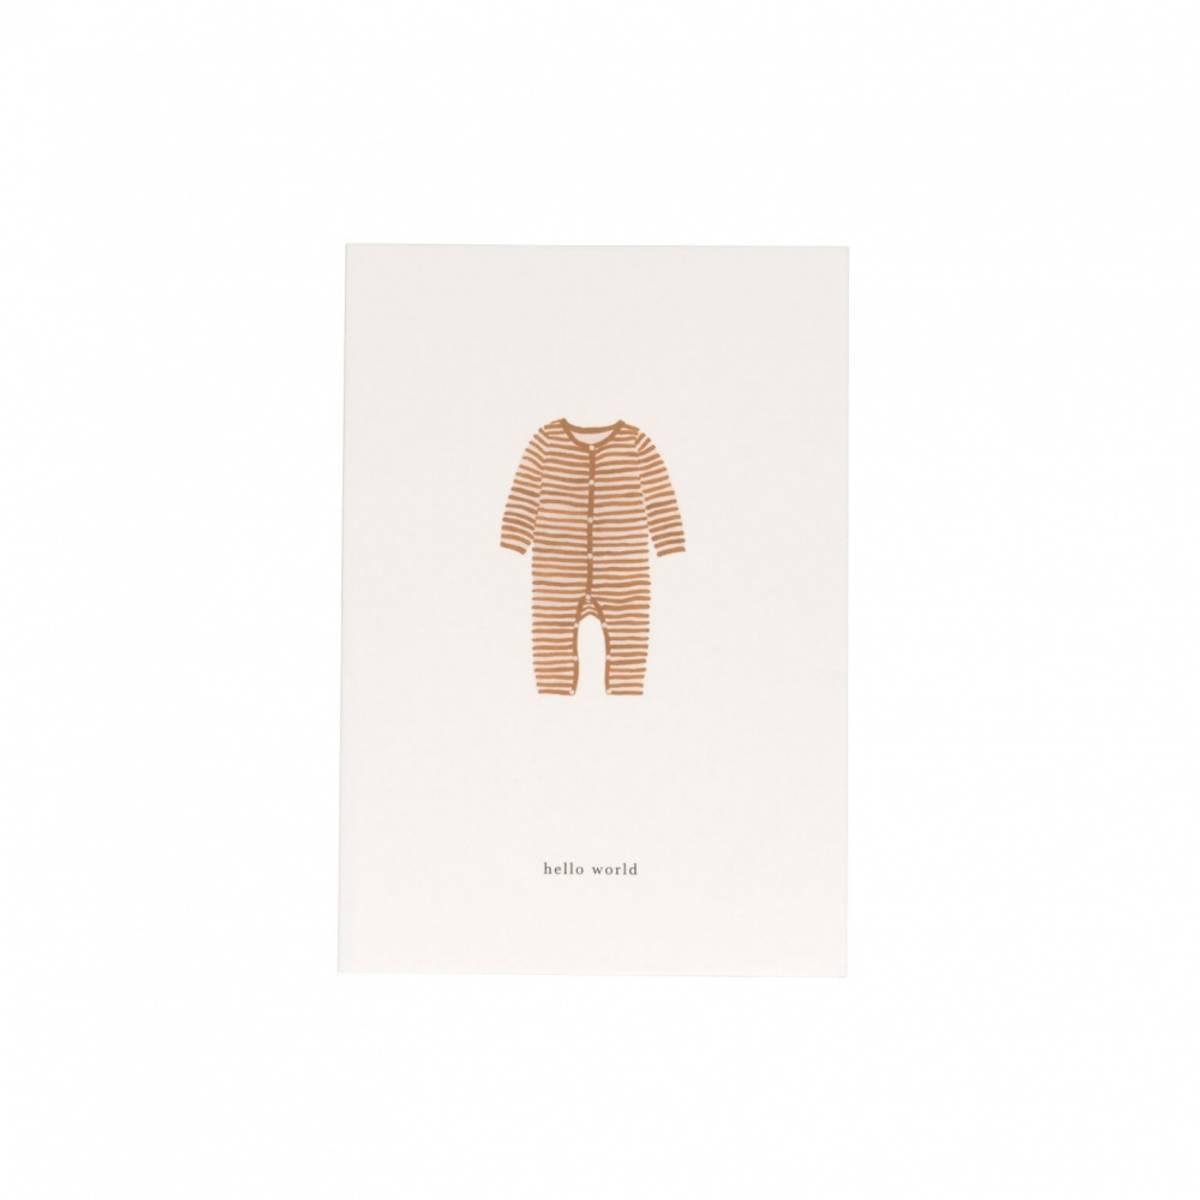 Kort - Baby Onesie Ochre (Hello World)